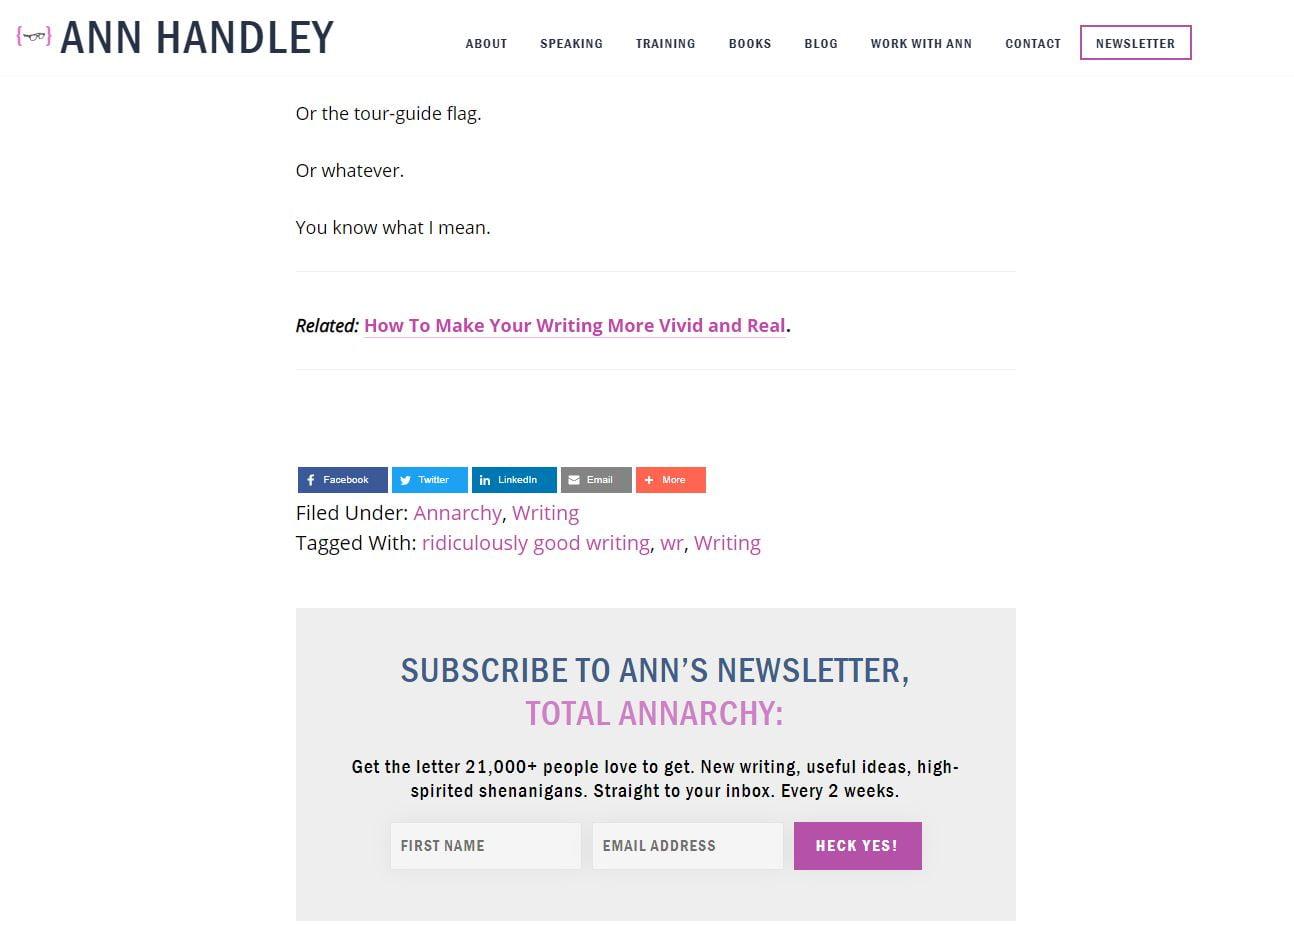 Ann Handley CTA